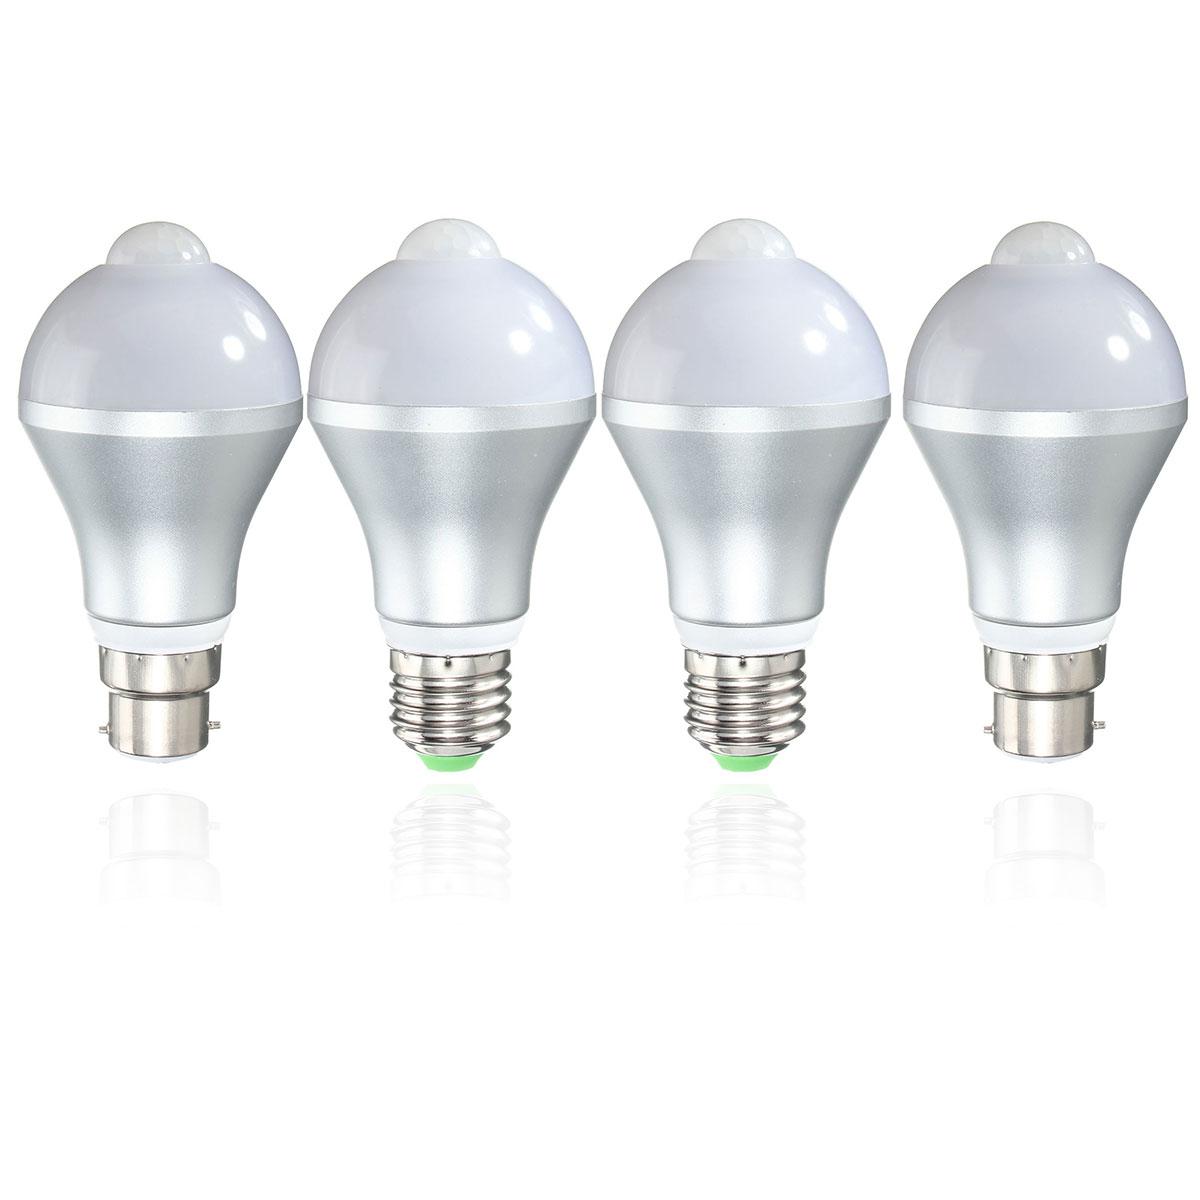 E27 B22 5w Auto Pir Motion Sensor Led Infrared Energy Saving Light Bulb 85 265v Alex Nld